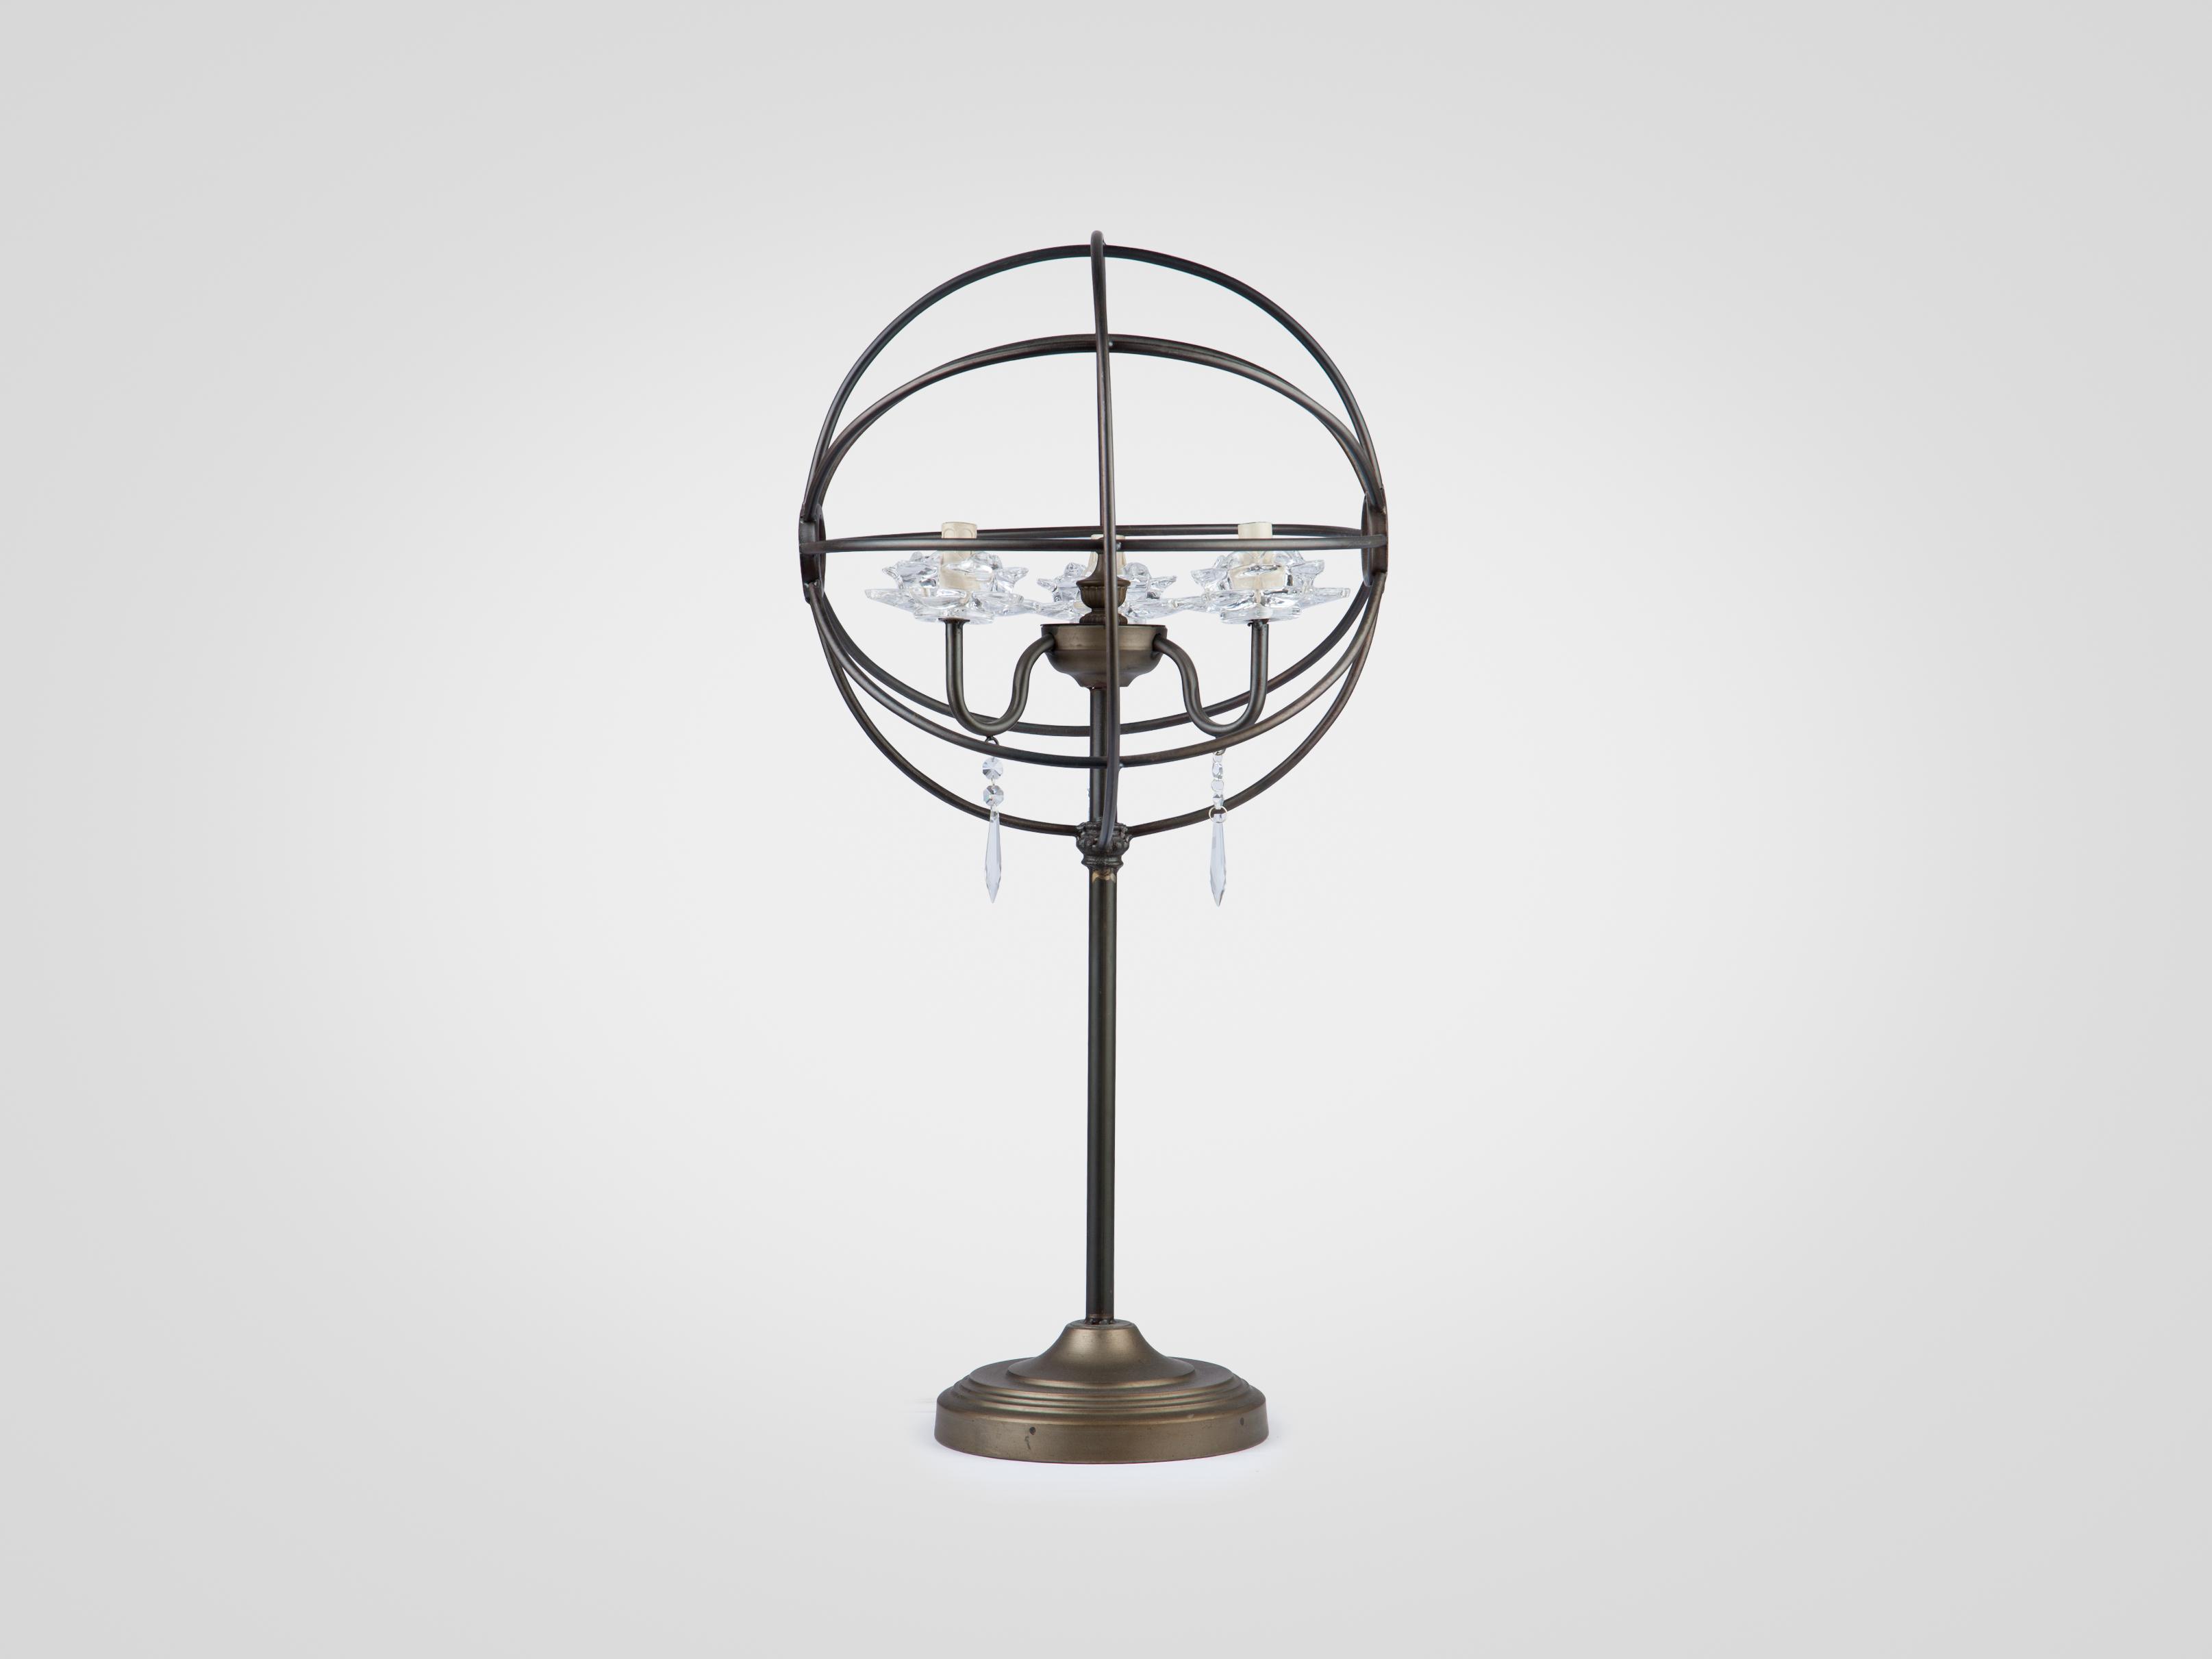 Купить Лампа настольная из металла на высокой ножке, украшеная стеклянным декором, inmyroom, Китай